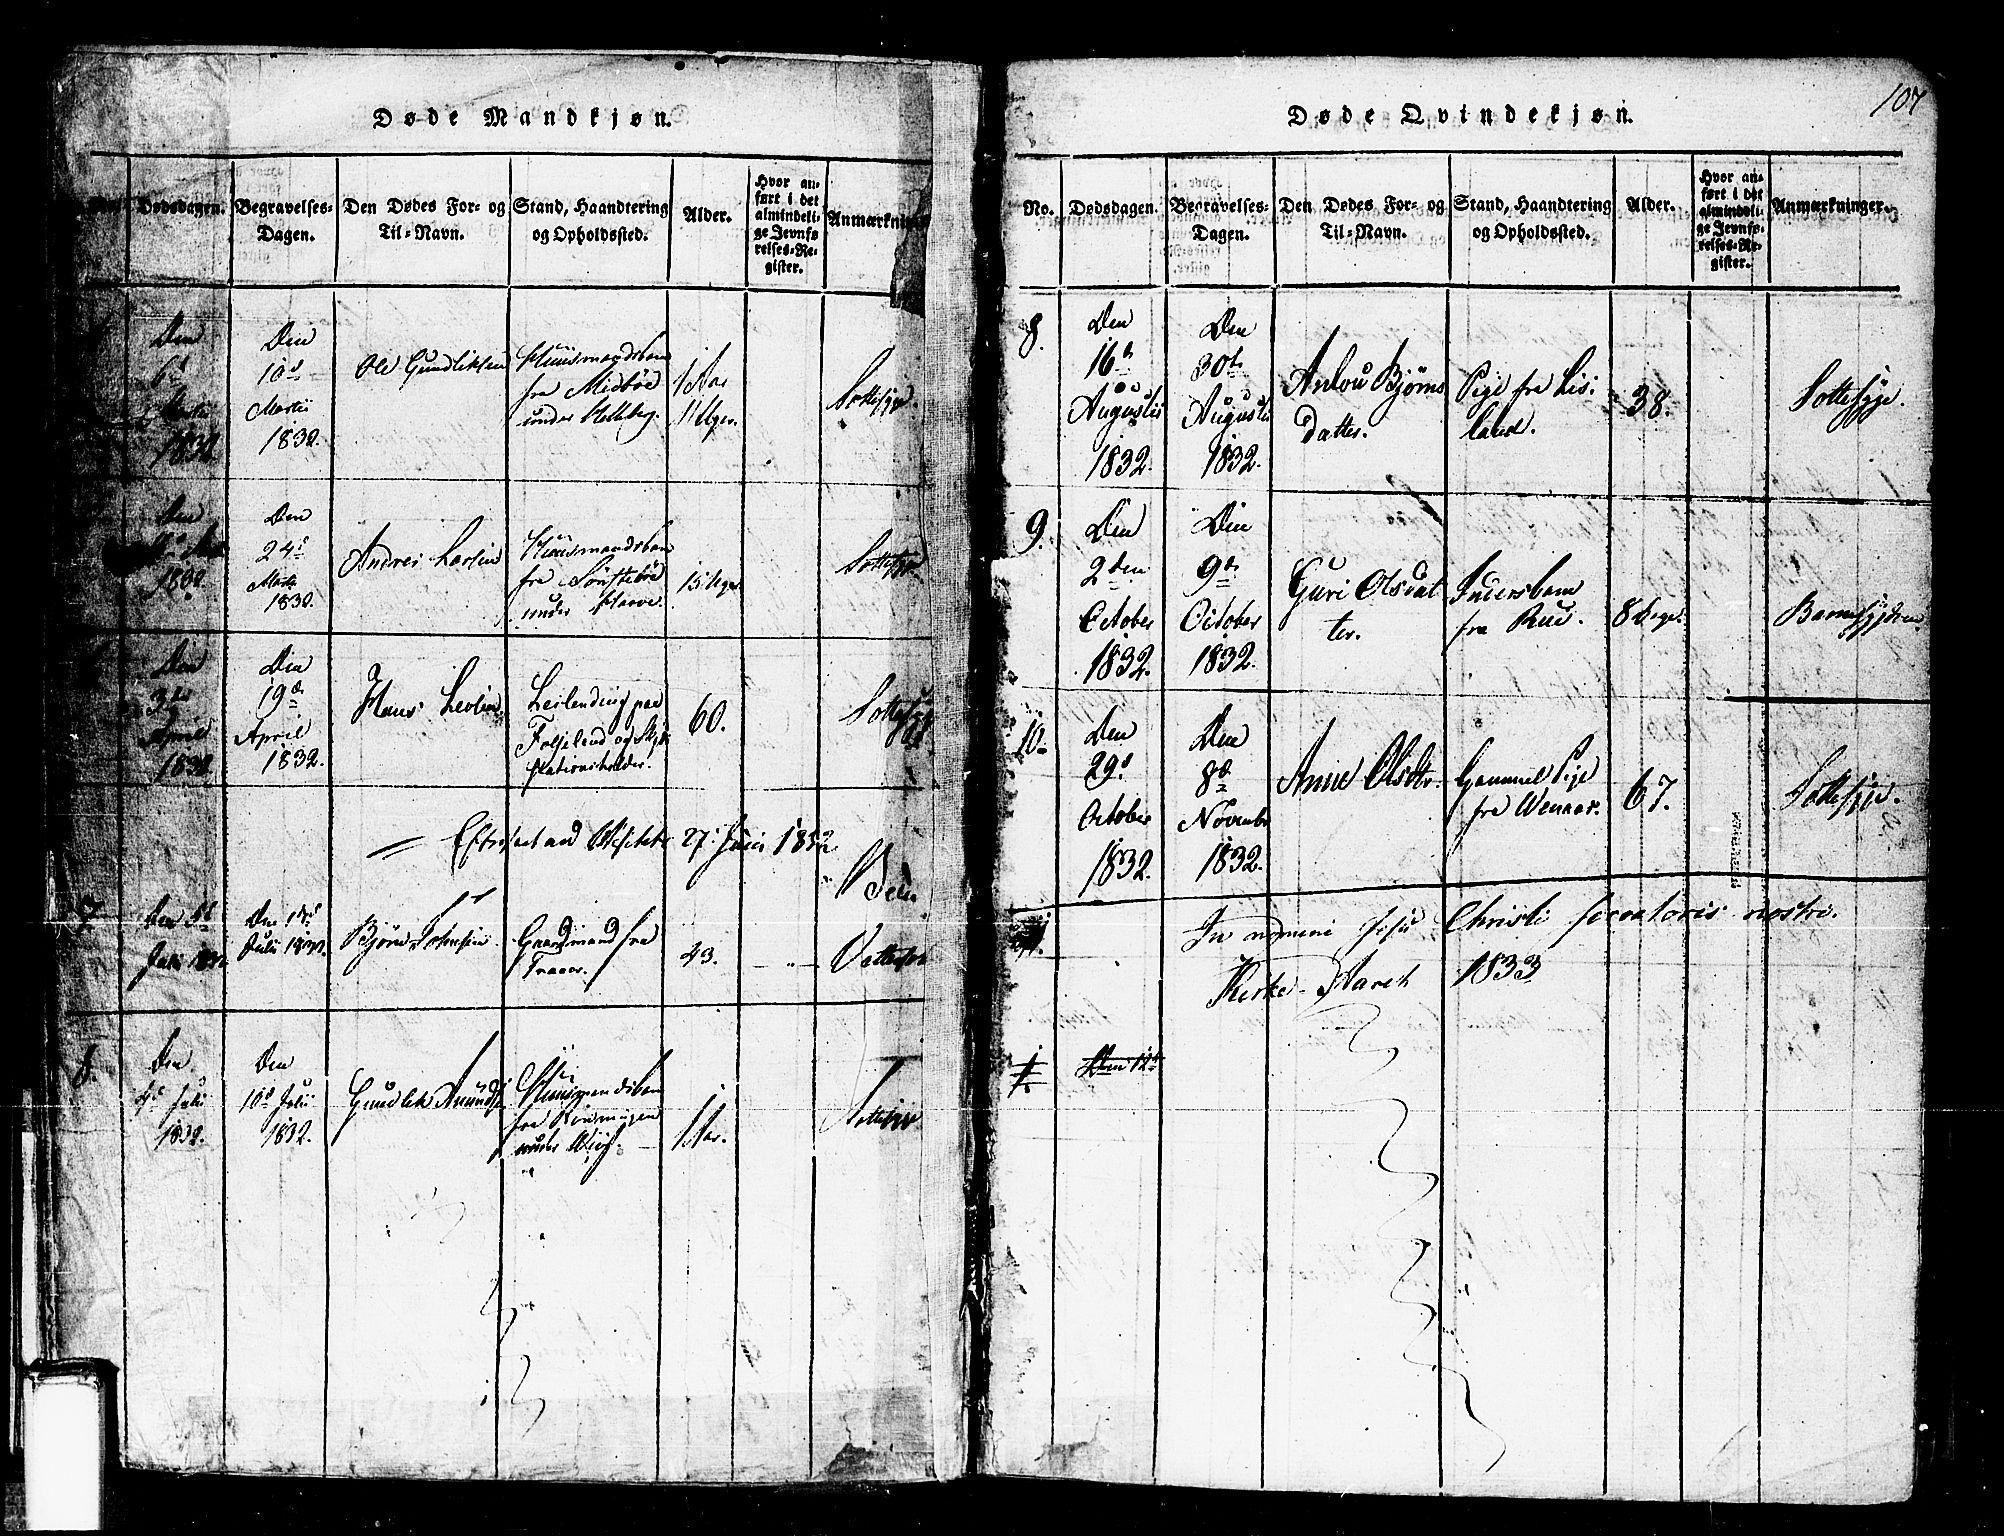 SAKO, Gransherad kirkebøker, F/Fa/L0001: Ministerialbok nr. I 1, 1815-1843, s. 107